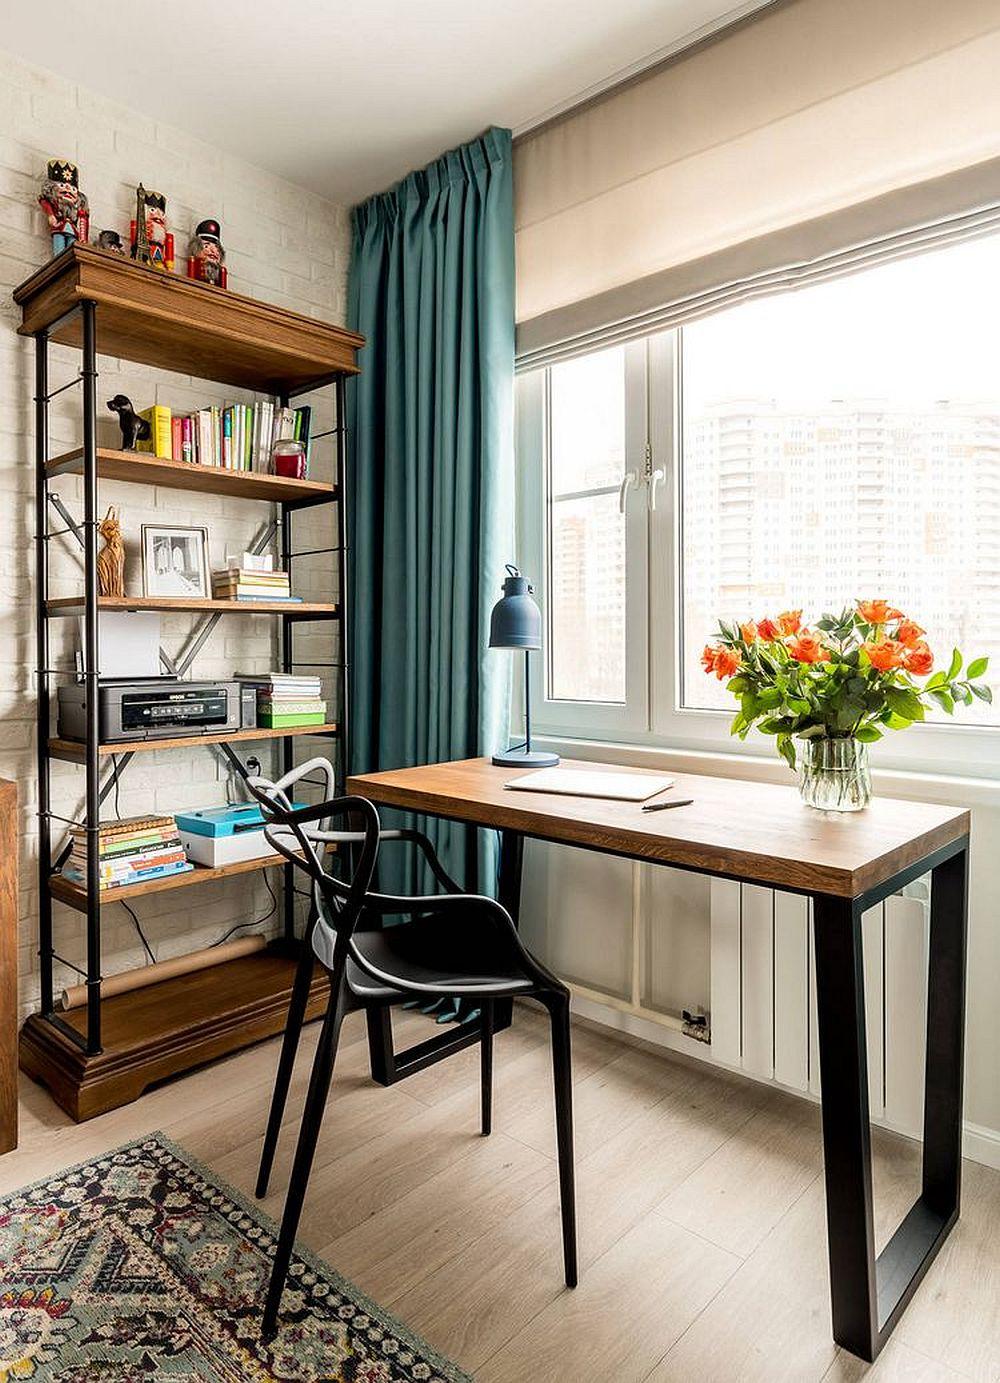 După renovare locul de studiu este situat la fereastră, dar modul de amenajare și ambientare vorbește despre o altă vârstă, totul fiind mult mai elegant.